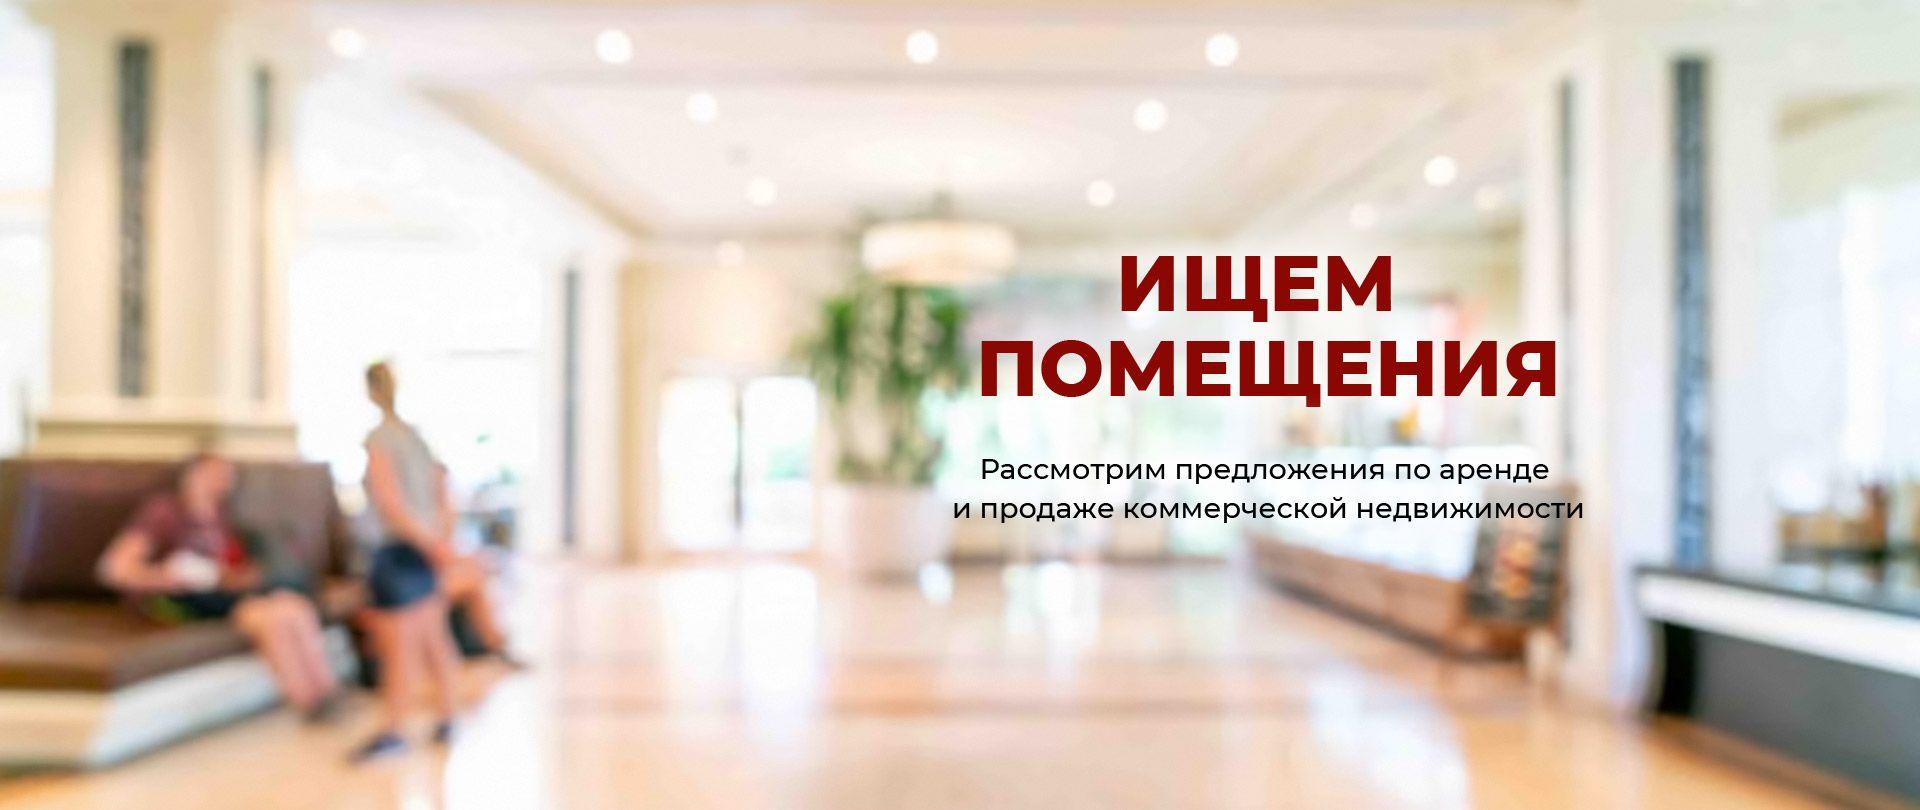 Рассмотрим предложения по аренде и продаже коммерческой недвижимости